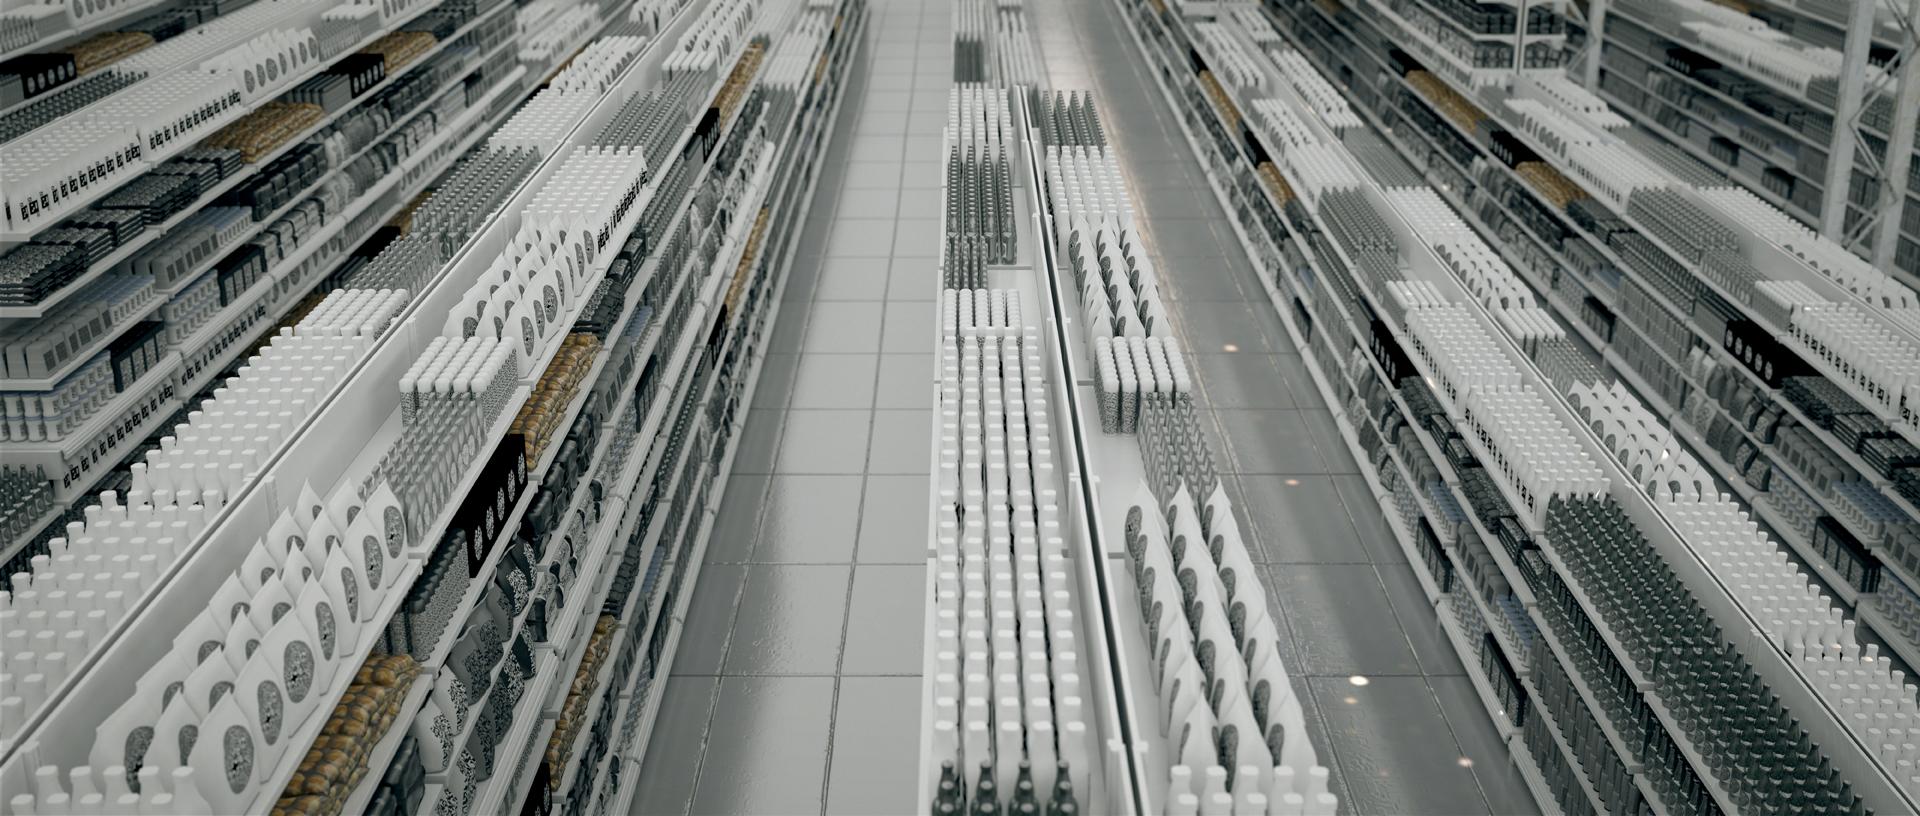 04_Supermarket 3